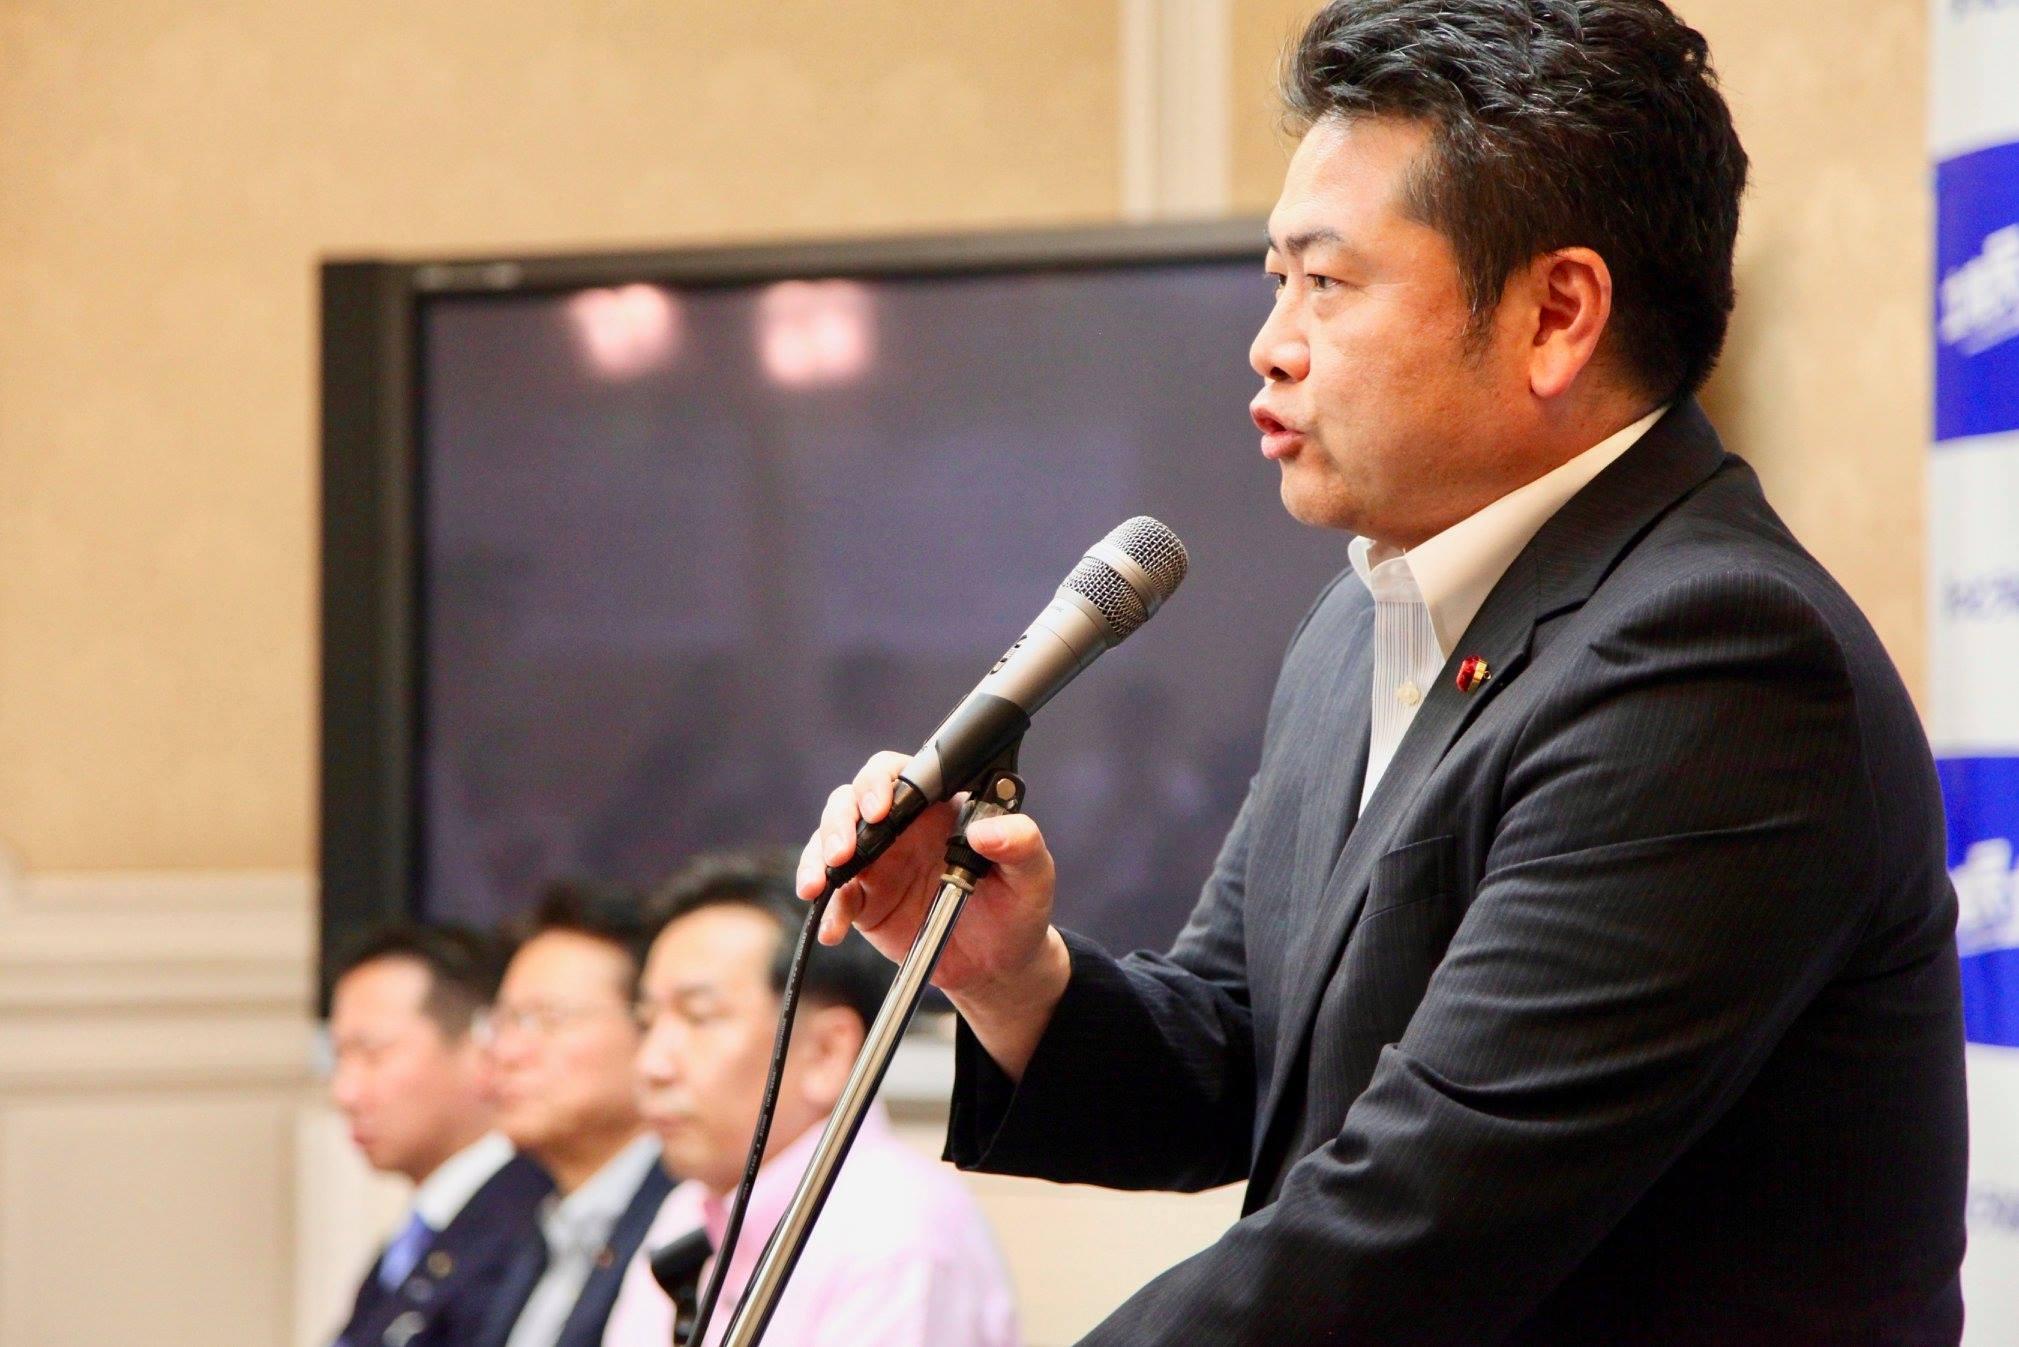 衆議院本会議に出席するため、久しぶりに上京